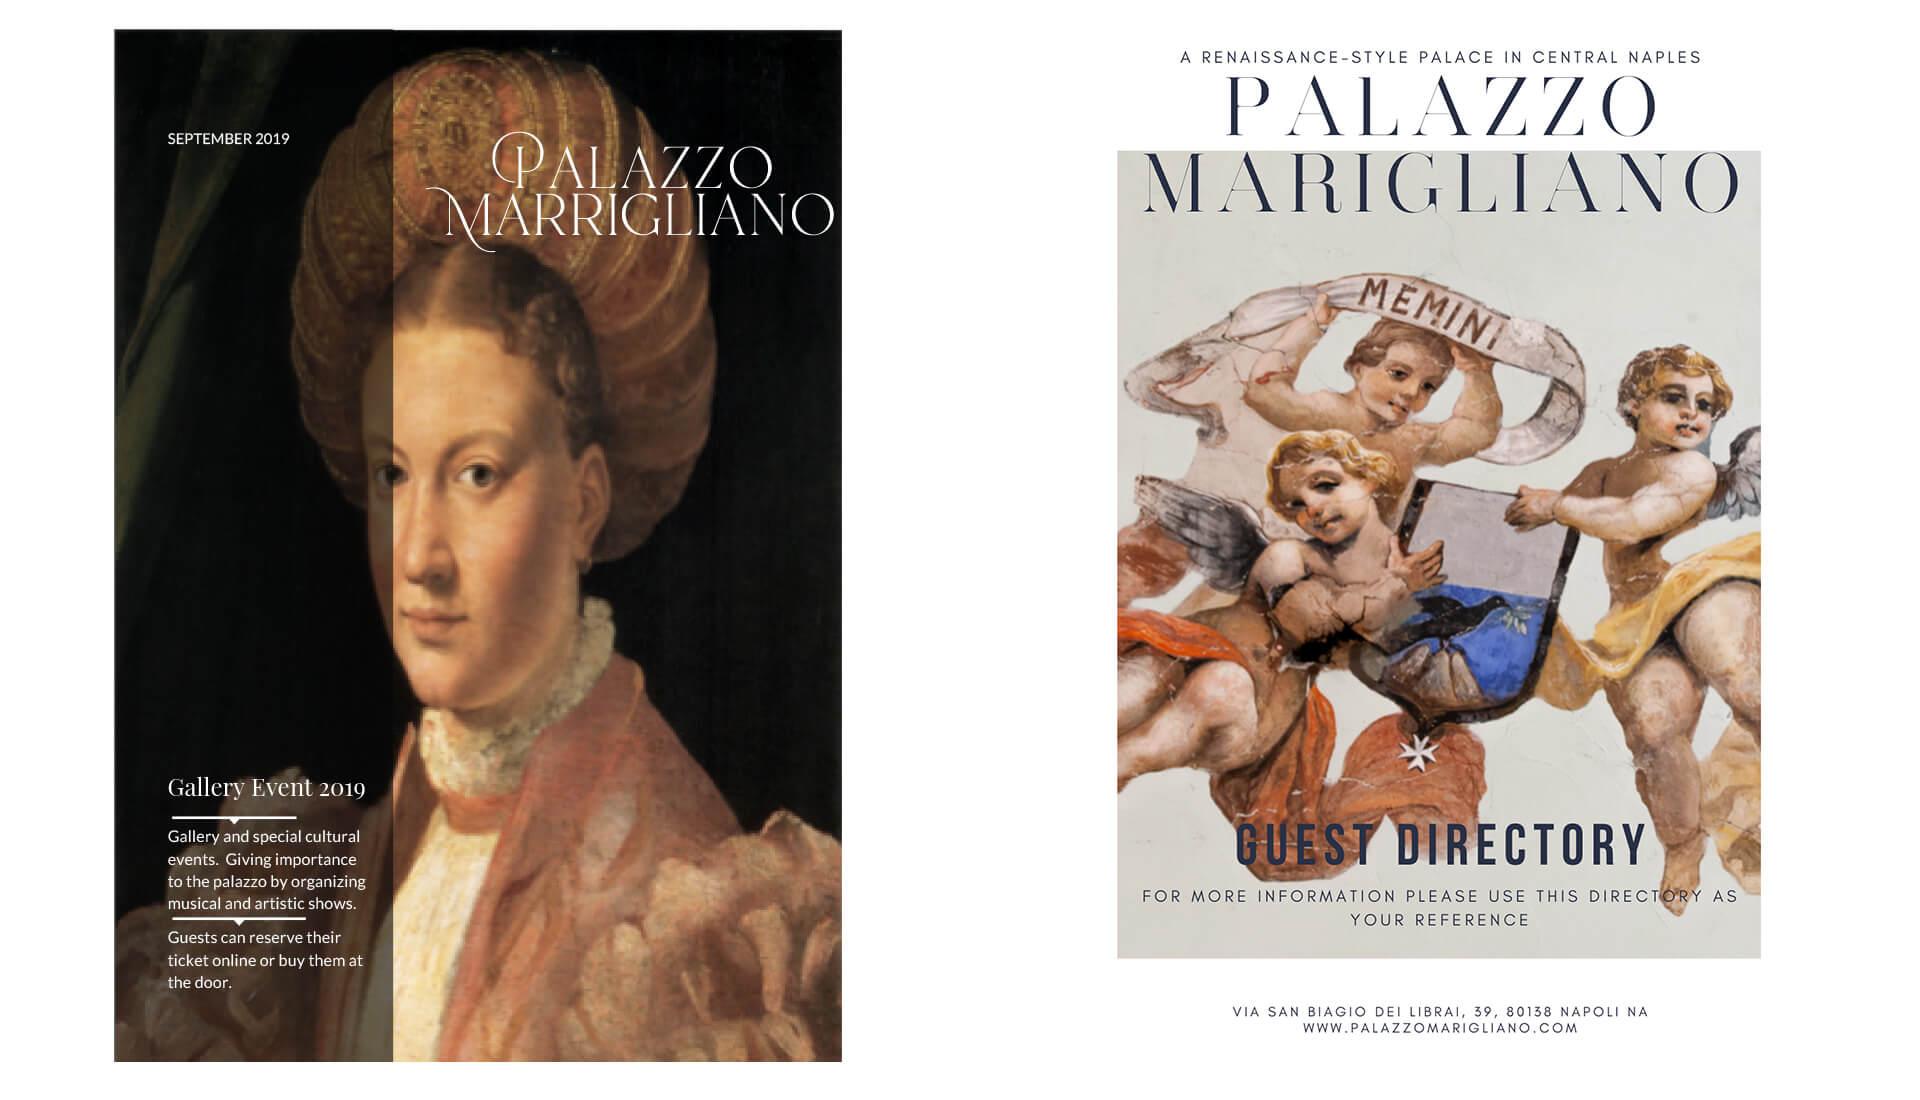 palazzo-marigliano-portfolio-5